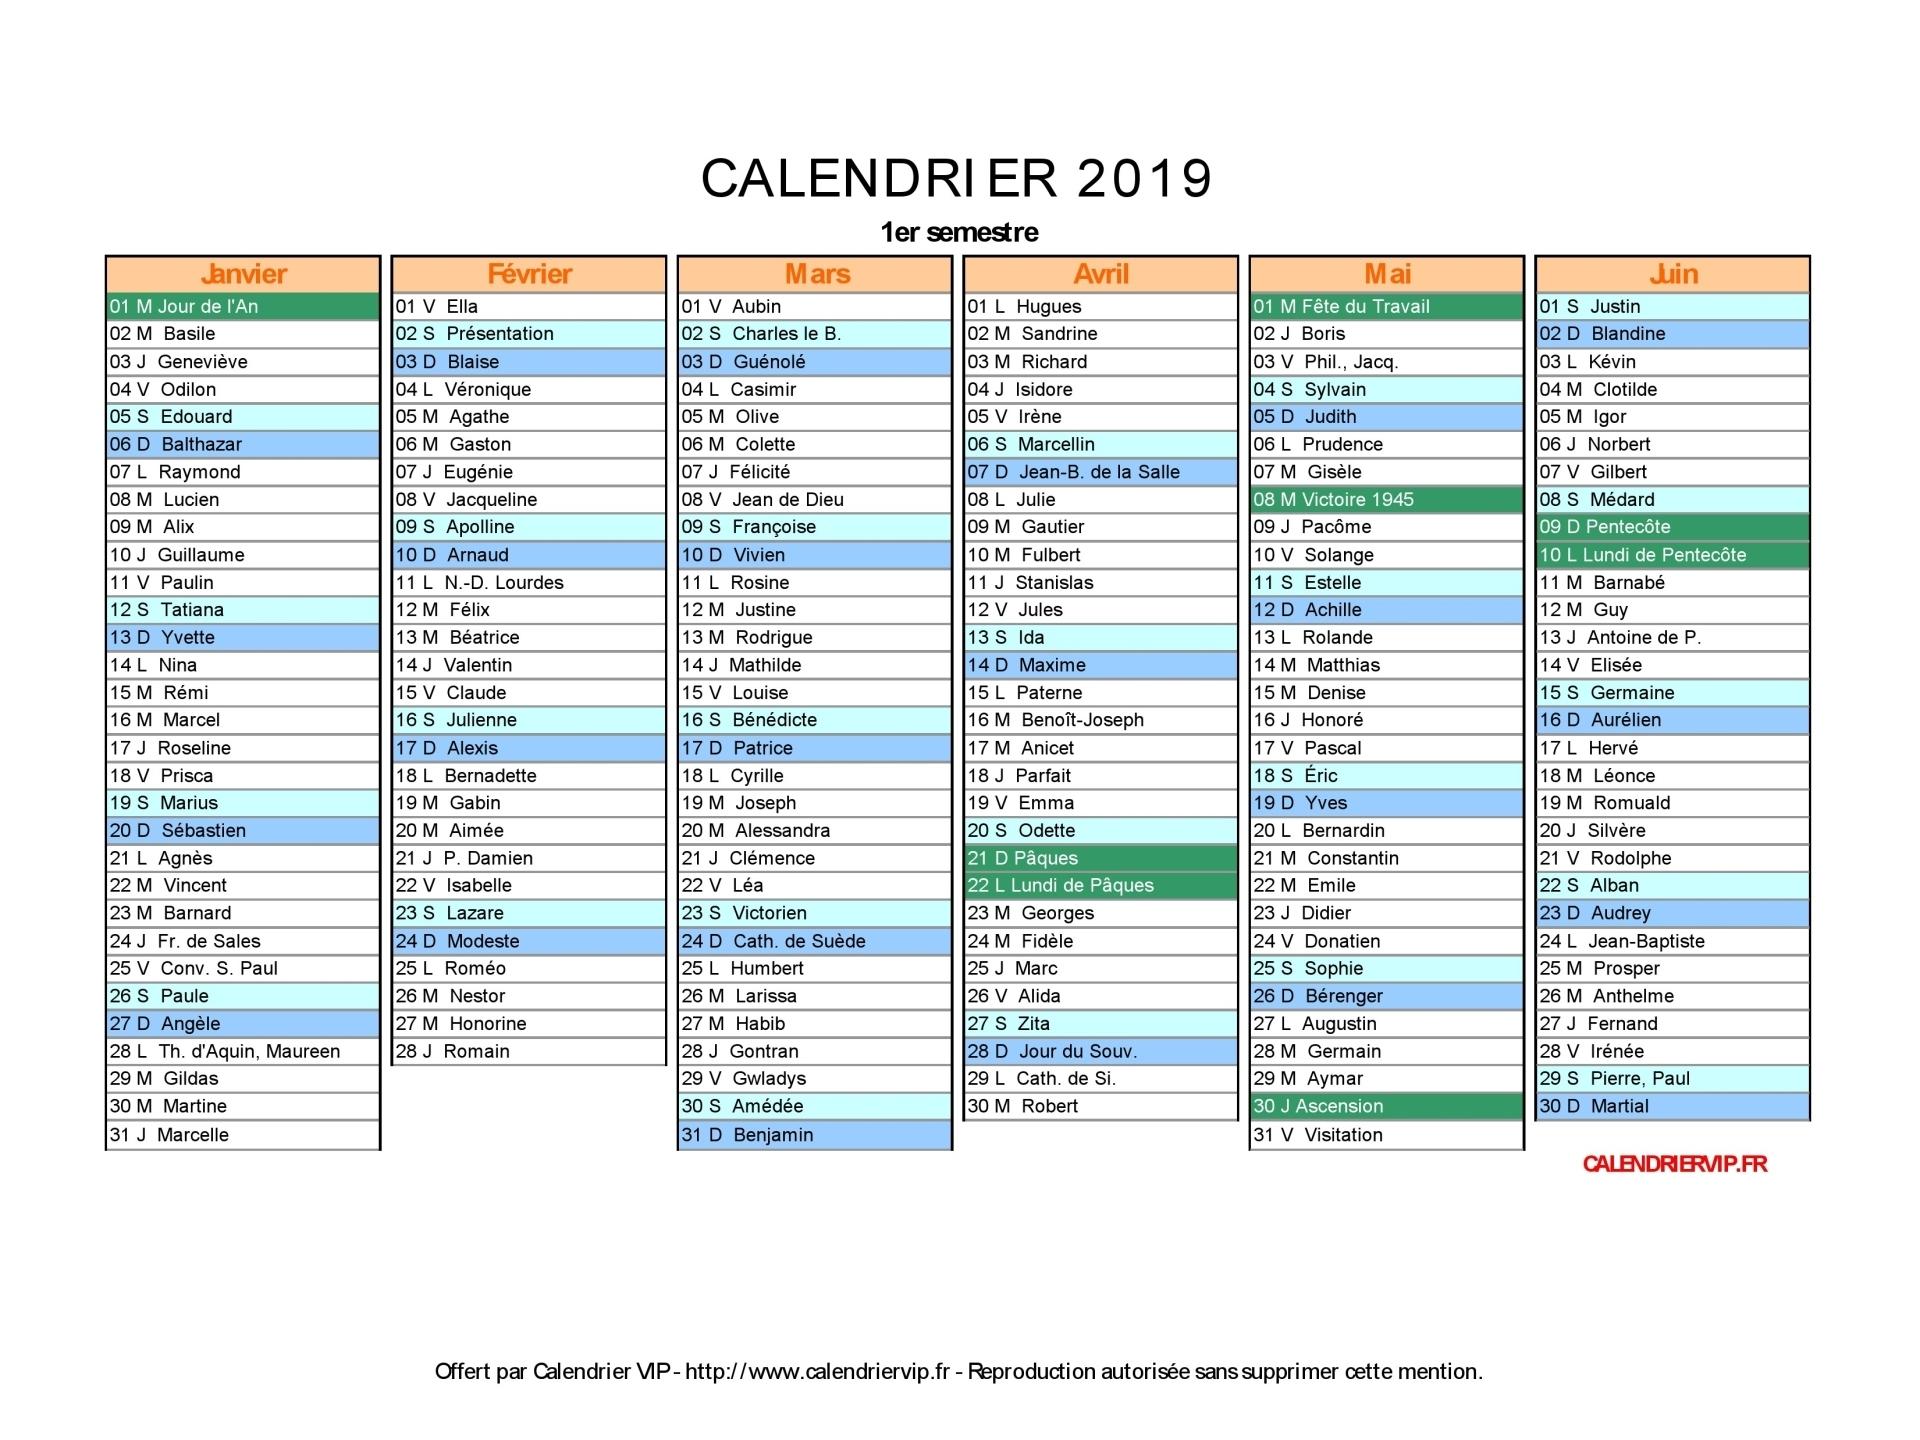 Calendrier 2019 À Imprimer Gratuit En Pdf Et Excel encequiconcerne Calendrier 2019 Avec Jours Fériés Vacances Scolaires À Imprimer